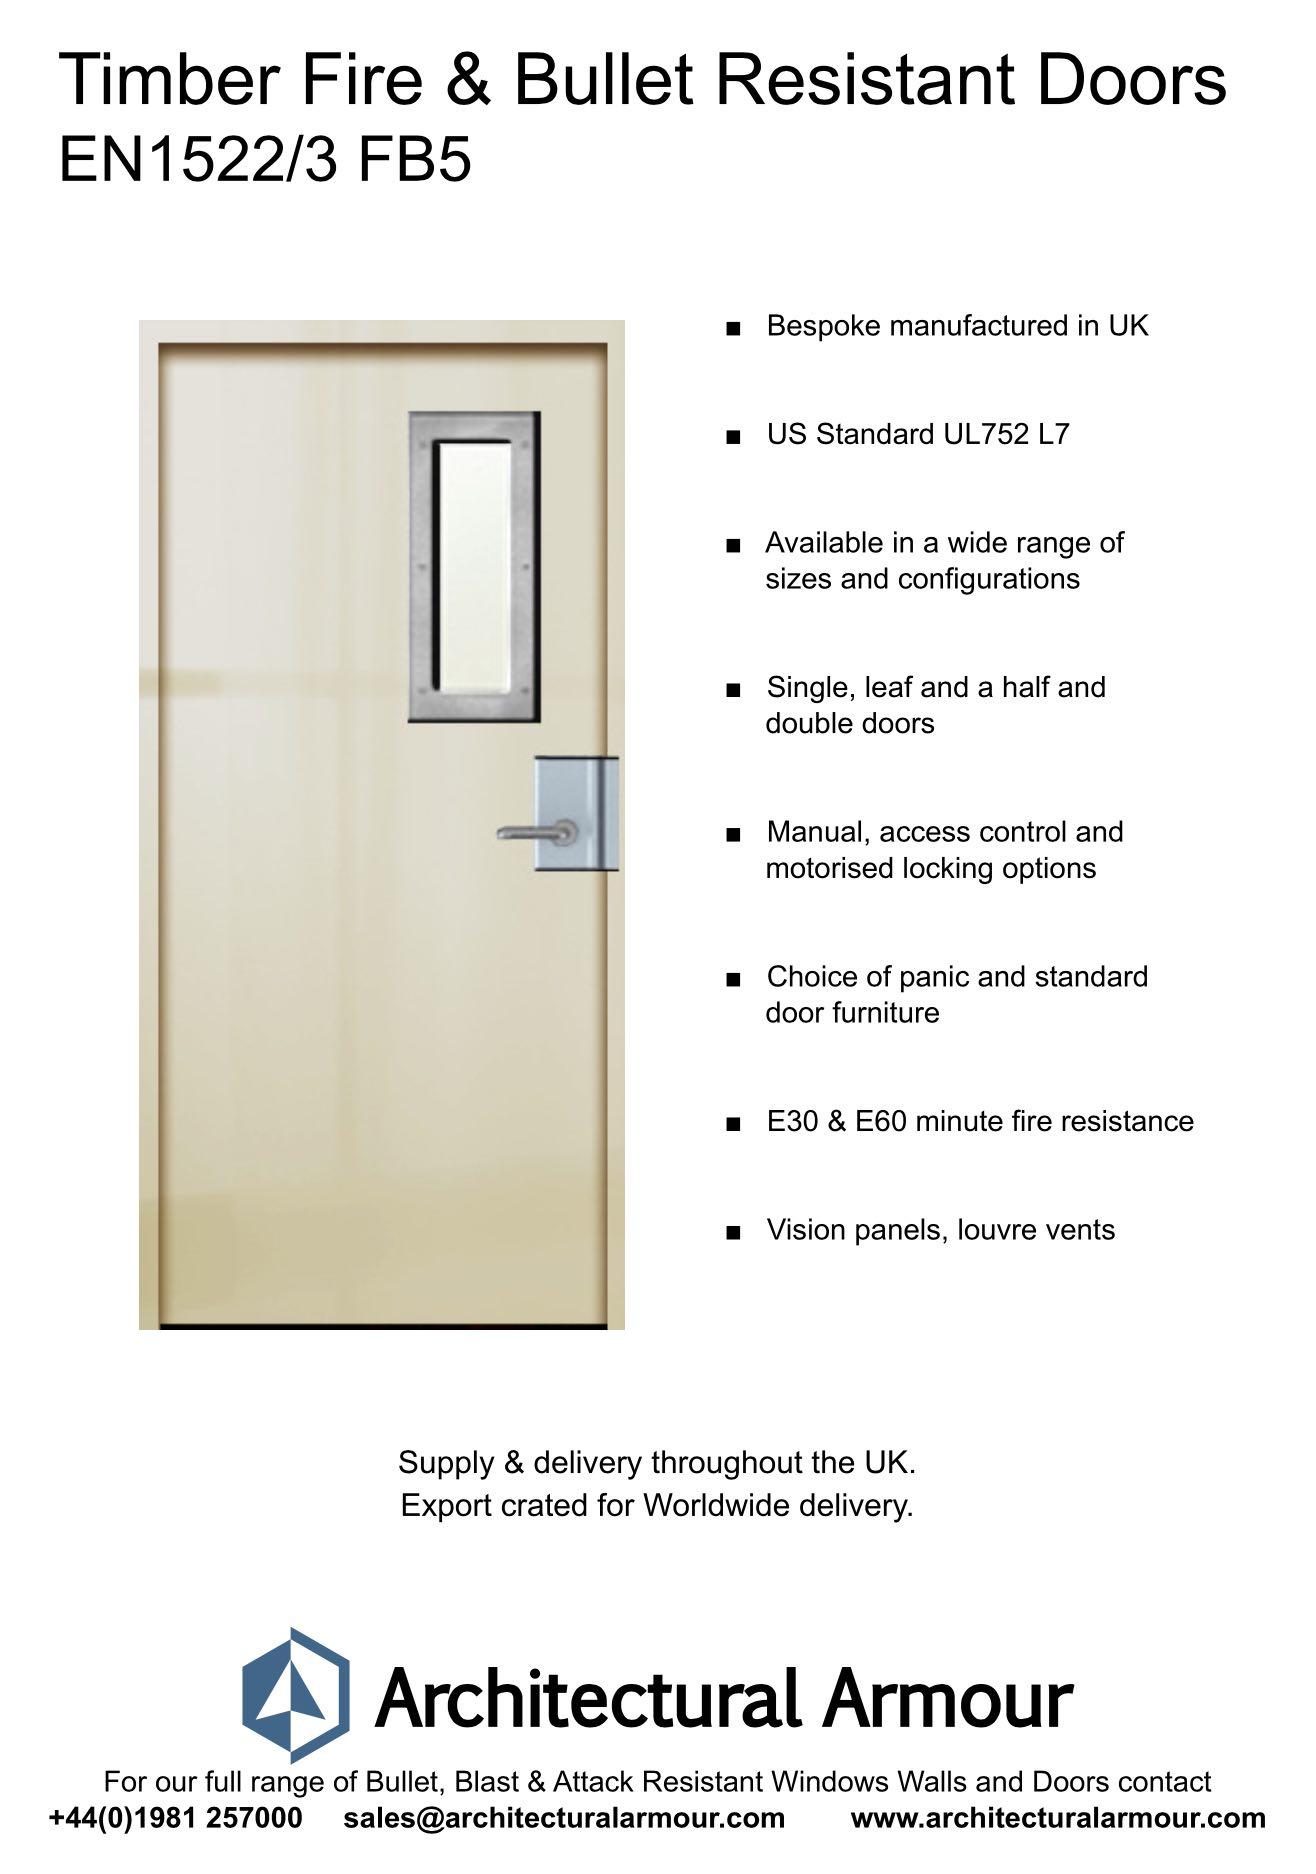 en1522/3 fb5 fire and bullet resistant door